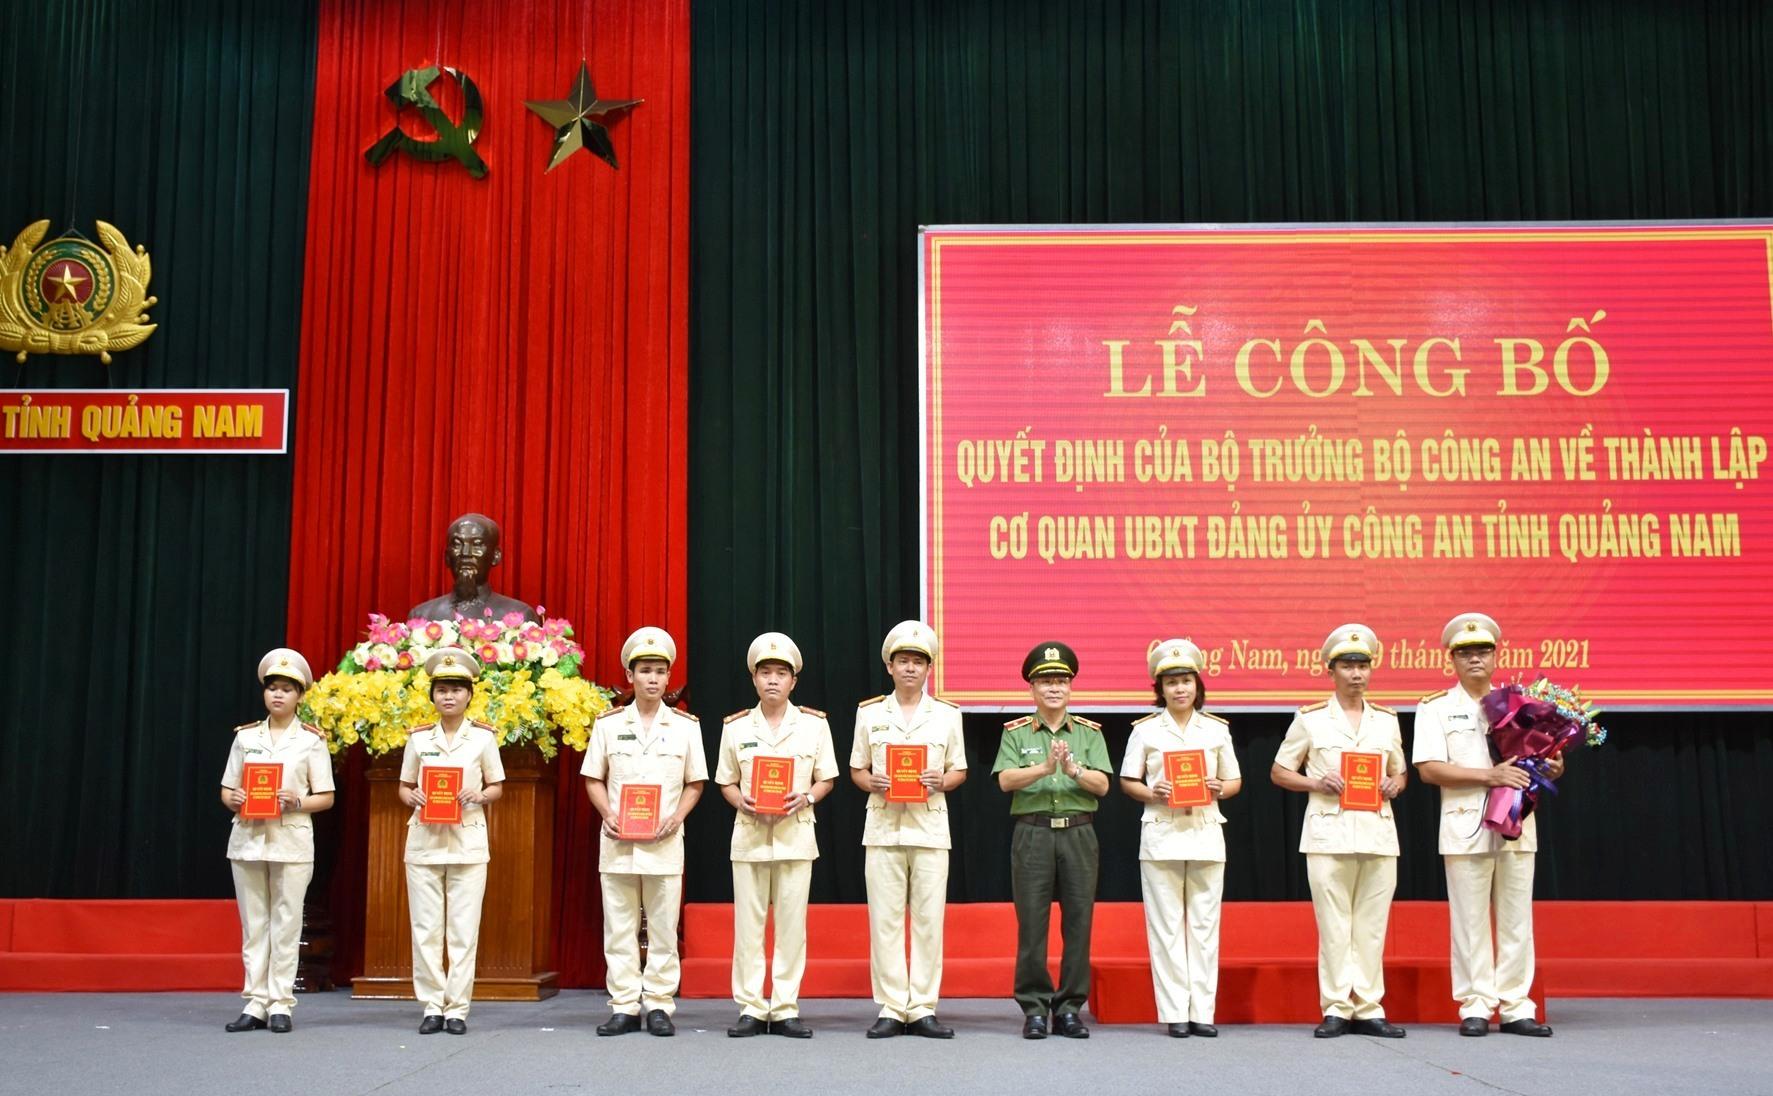 Thiếu tướng Nguyễn Đức Dũng, Giám đốc Công an tỉnh trao Quyết định điều động cán bộ đến nhận công tác tại Cơ quan UBKT Đảng ủy Công an tỉnh. Ảnh: M.T